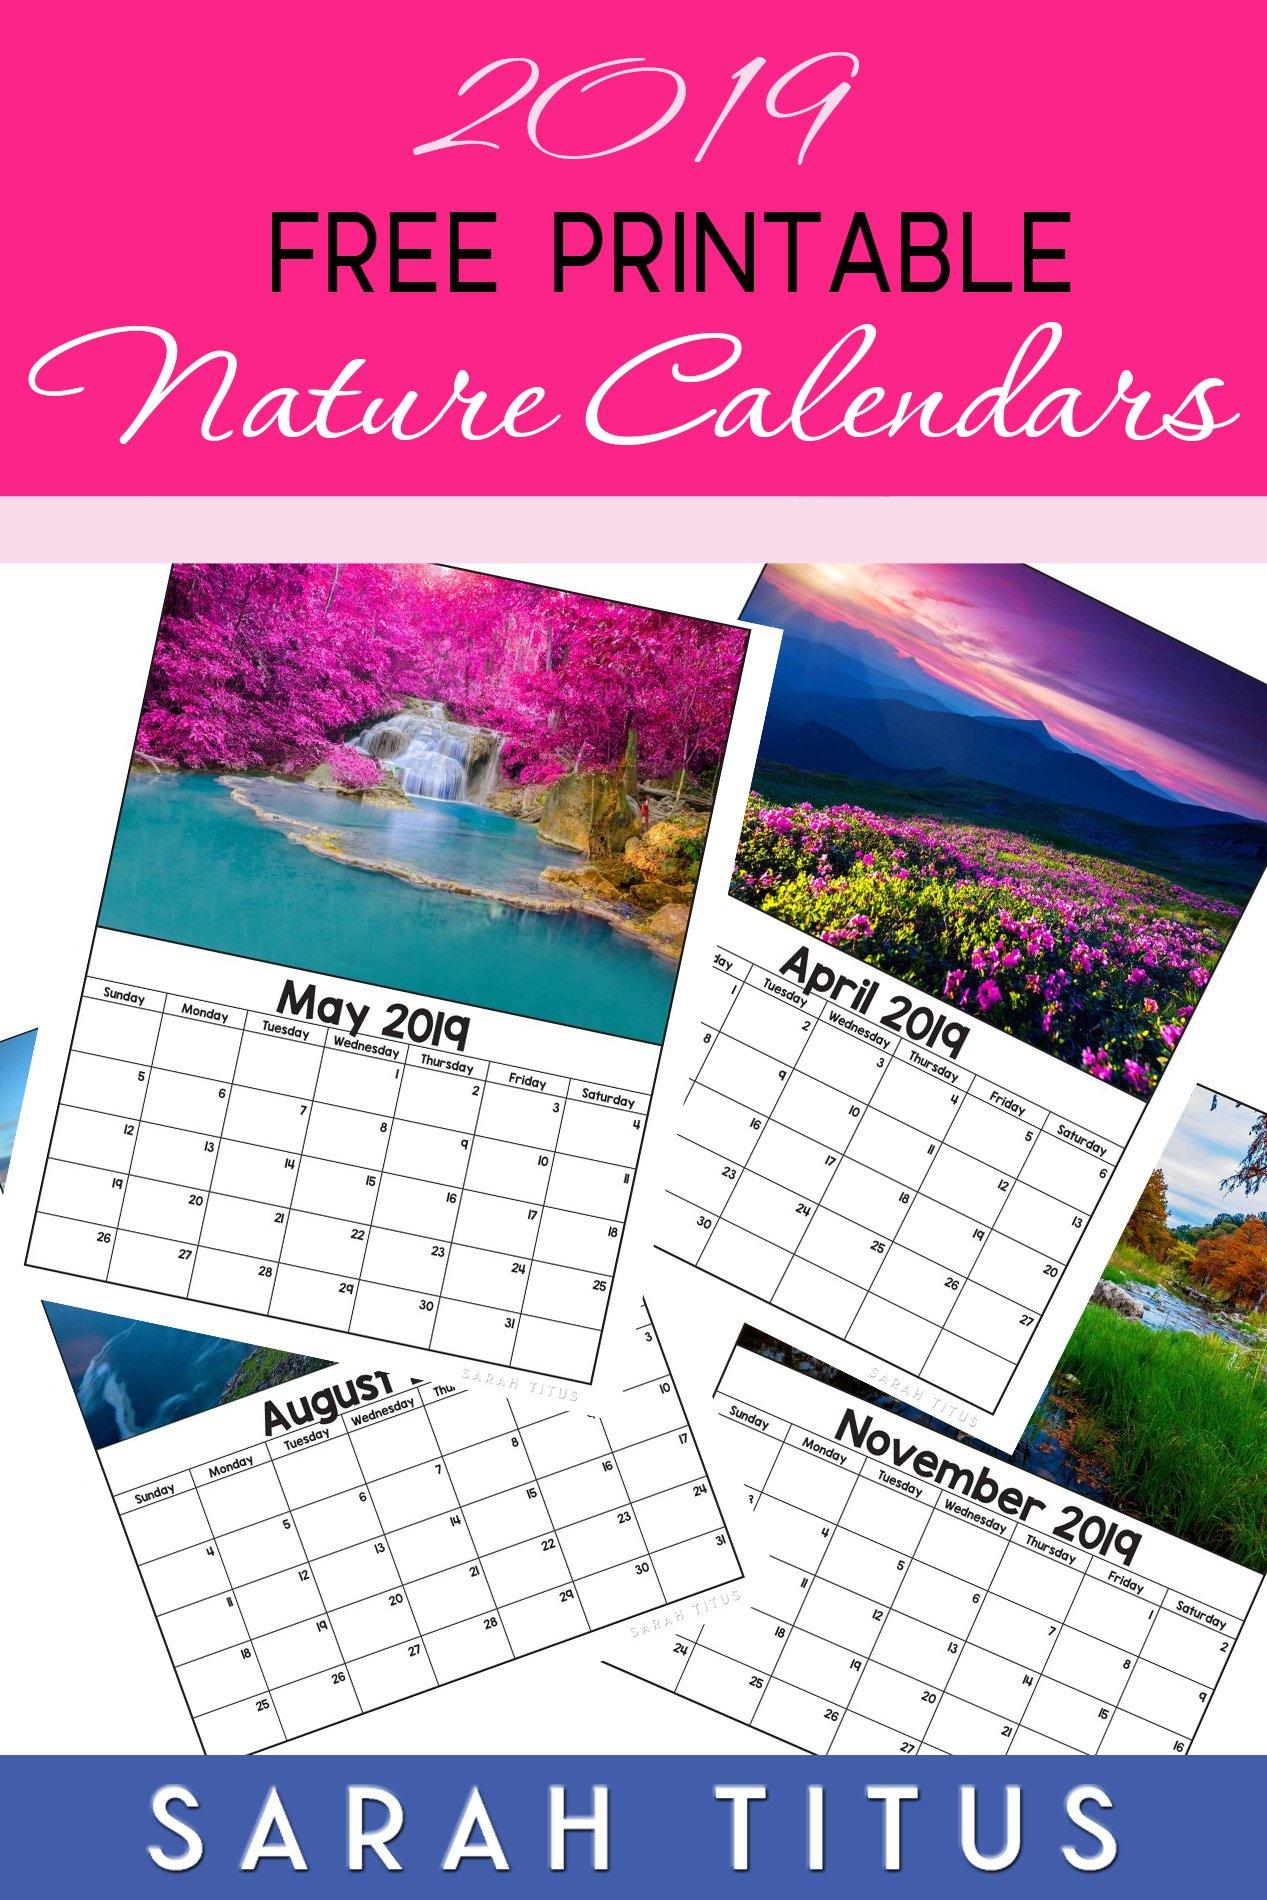 Free Printable 2019 Nature Calendars – Sarah Titus Calendar 2019 Nature